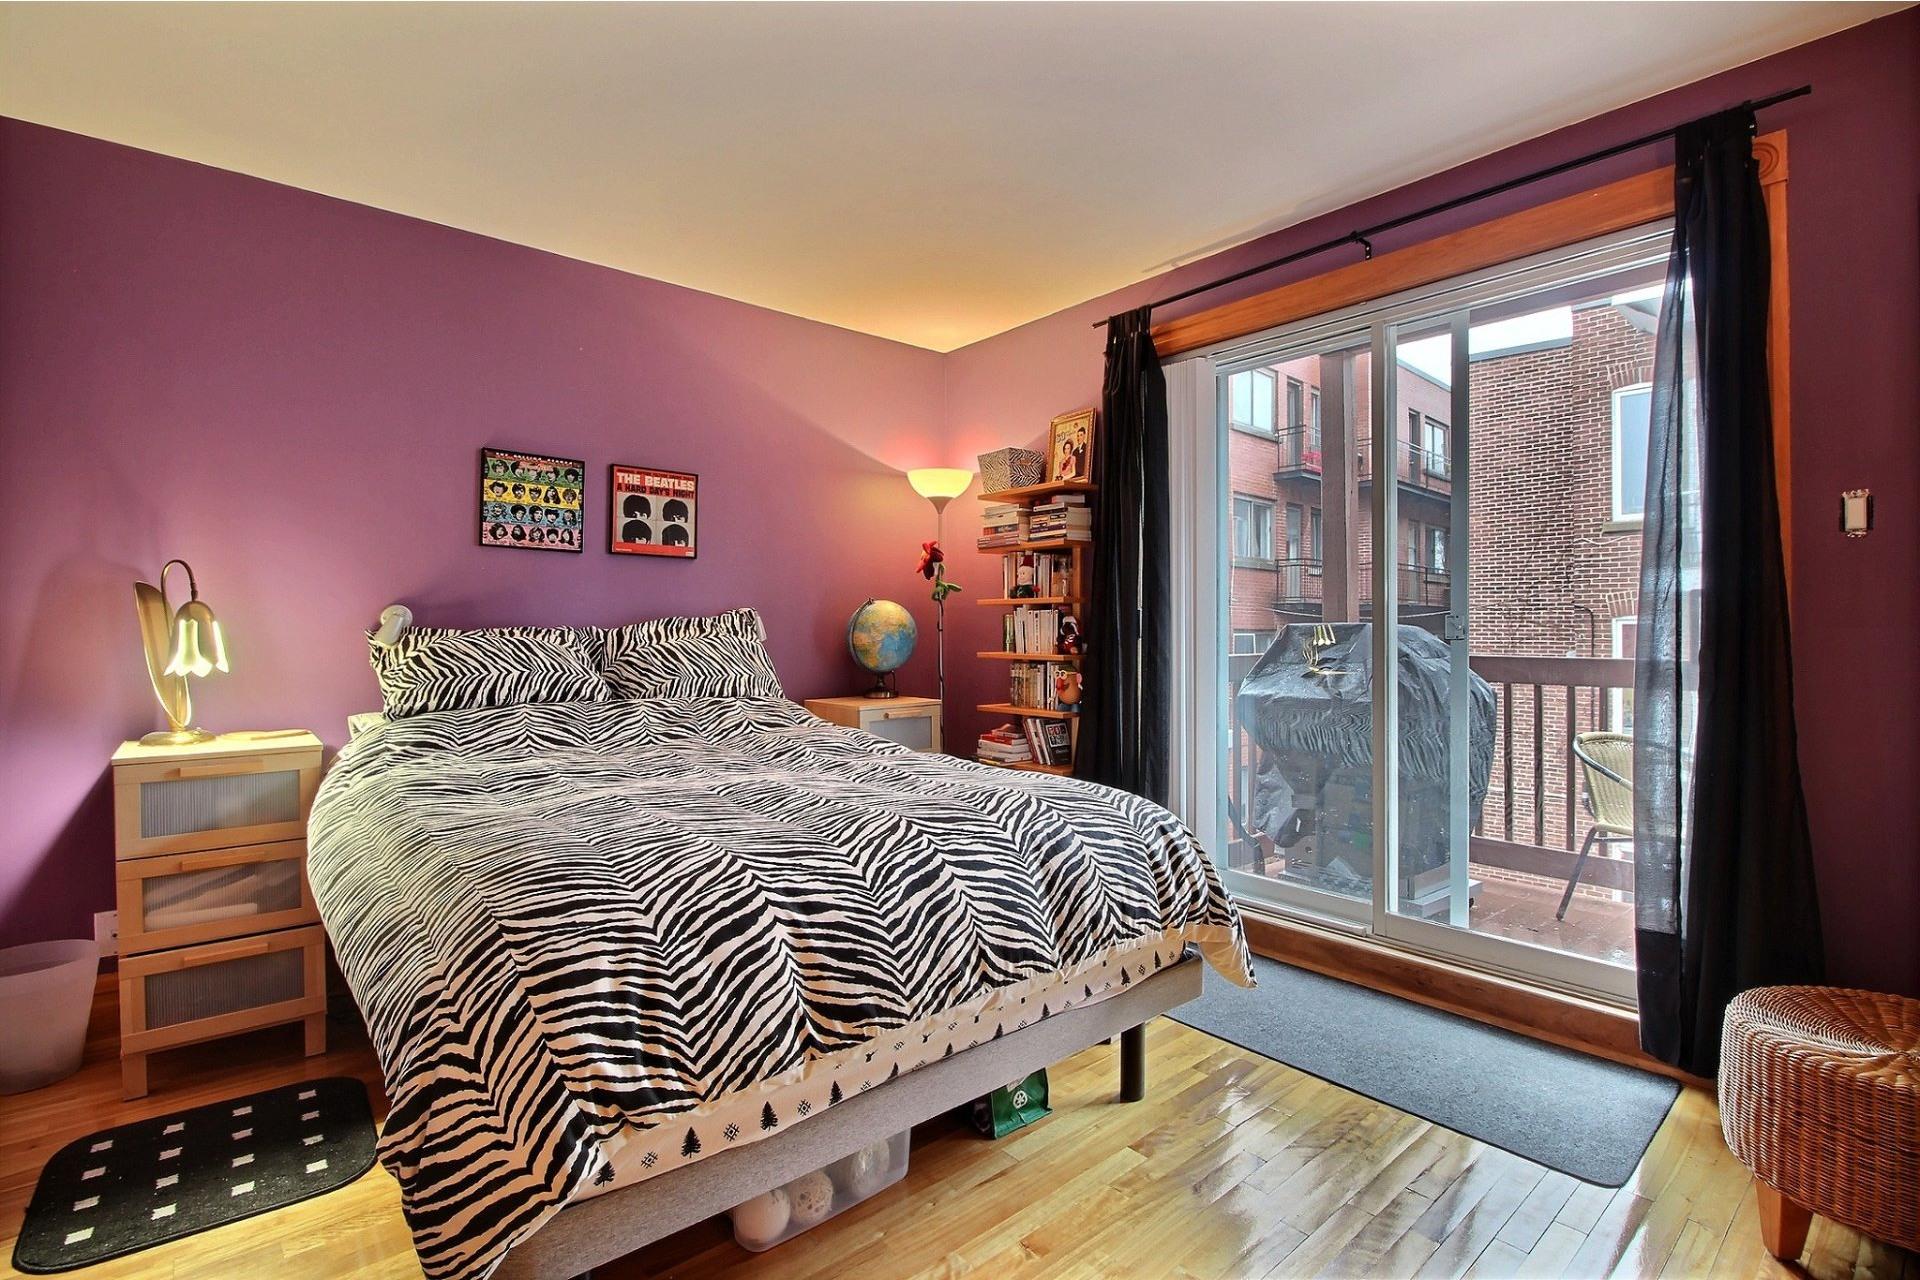 image 6 - Apartment For sale Montréal Le Plateau-Mont-Royal  - 5 rooms